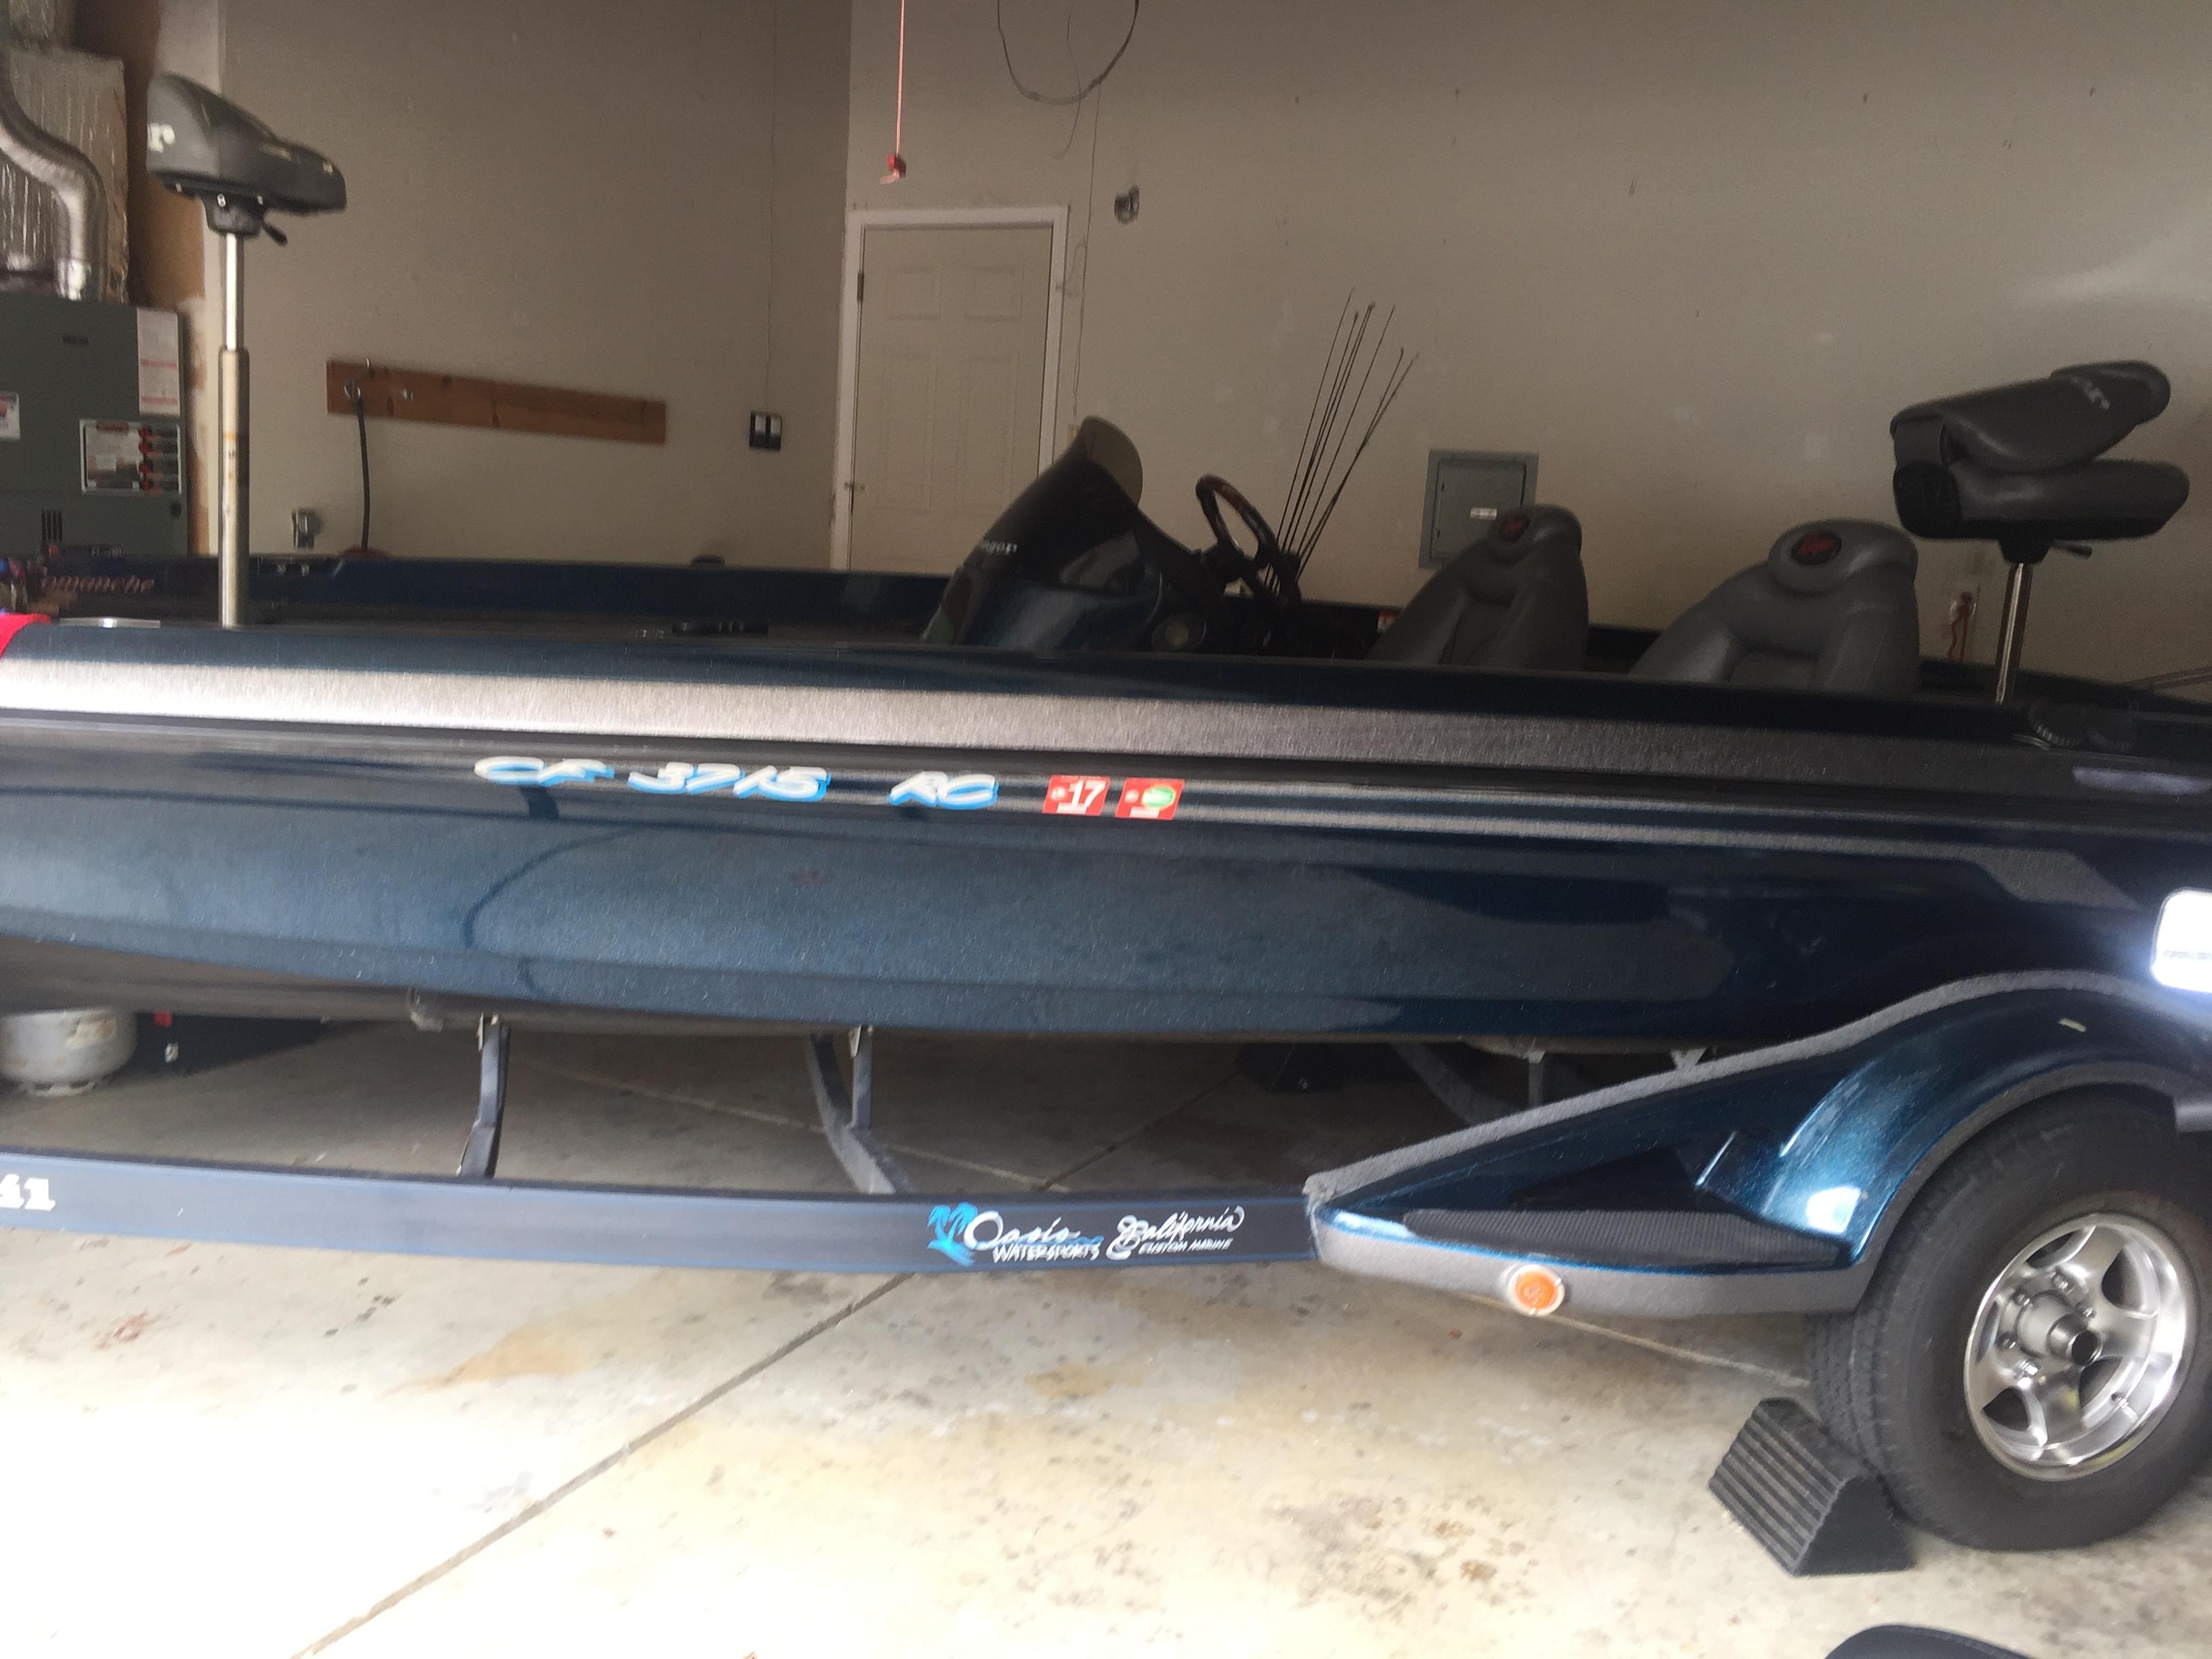 2003 ranger comanche bass boat